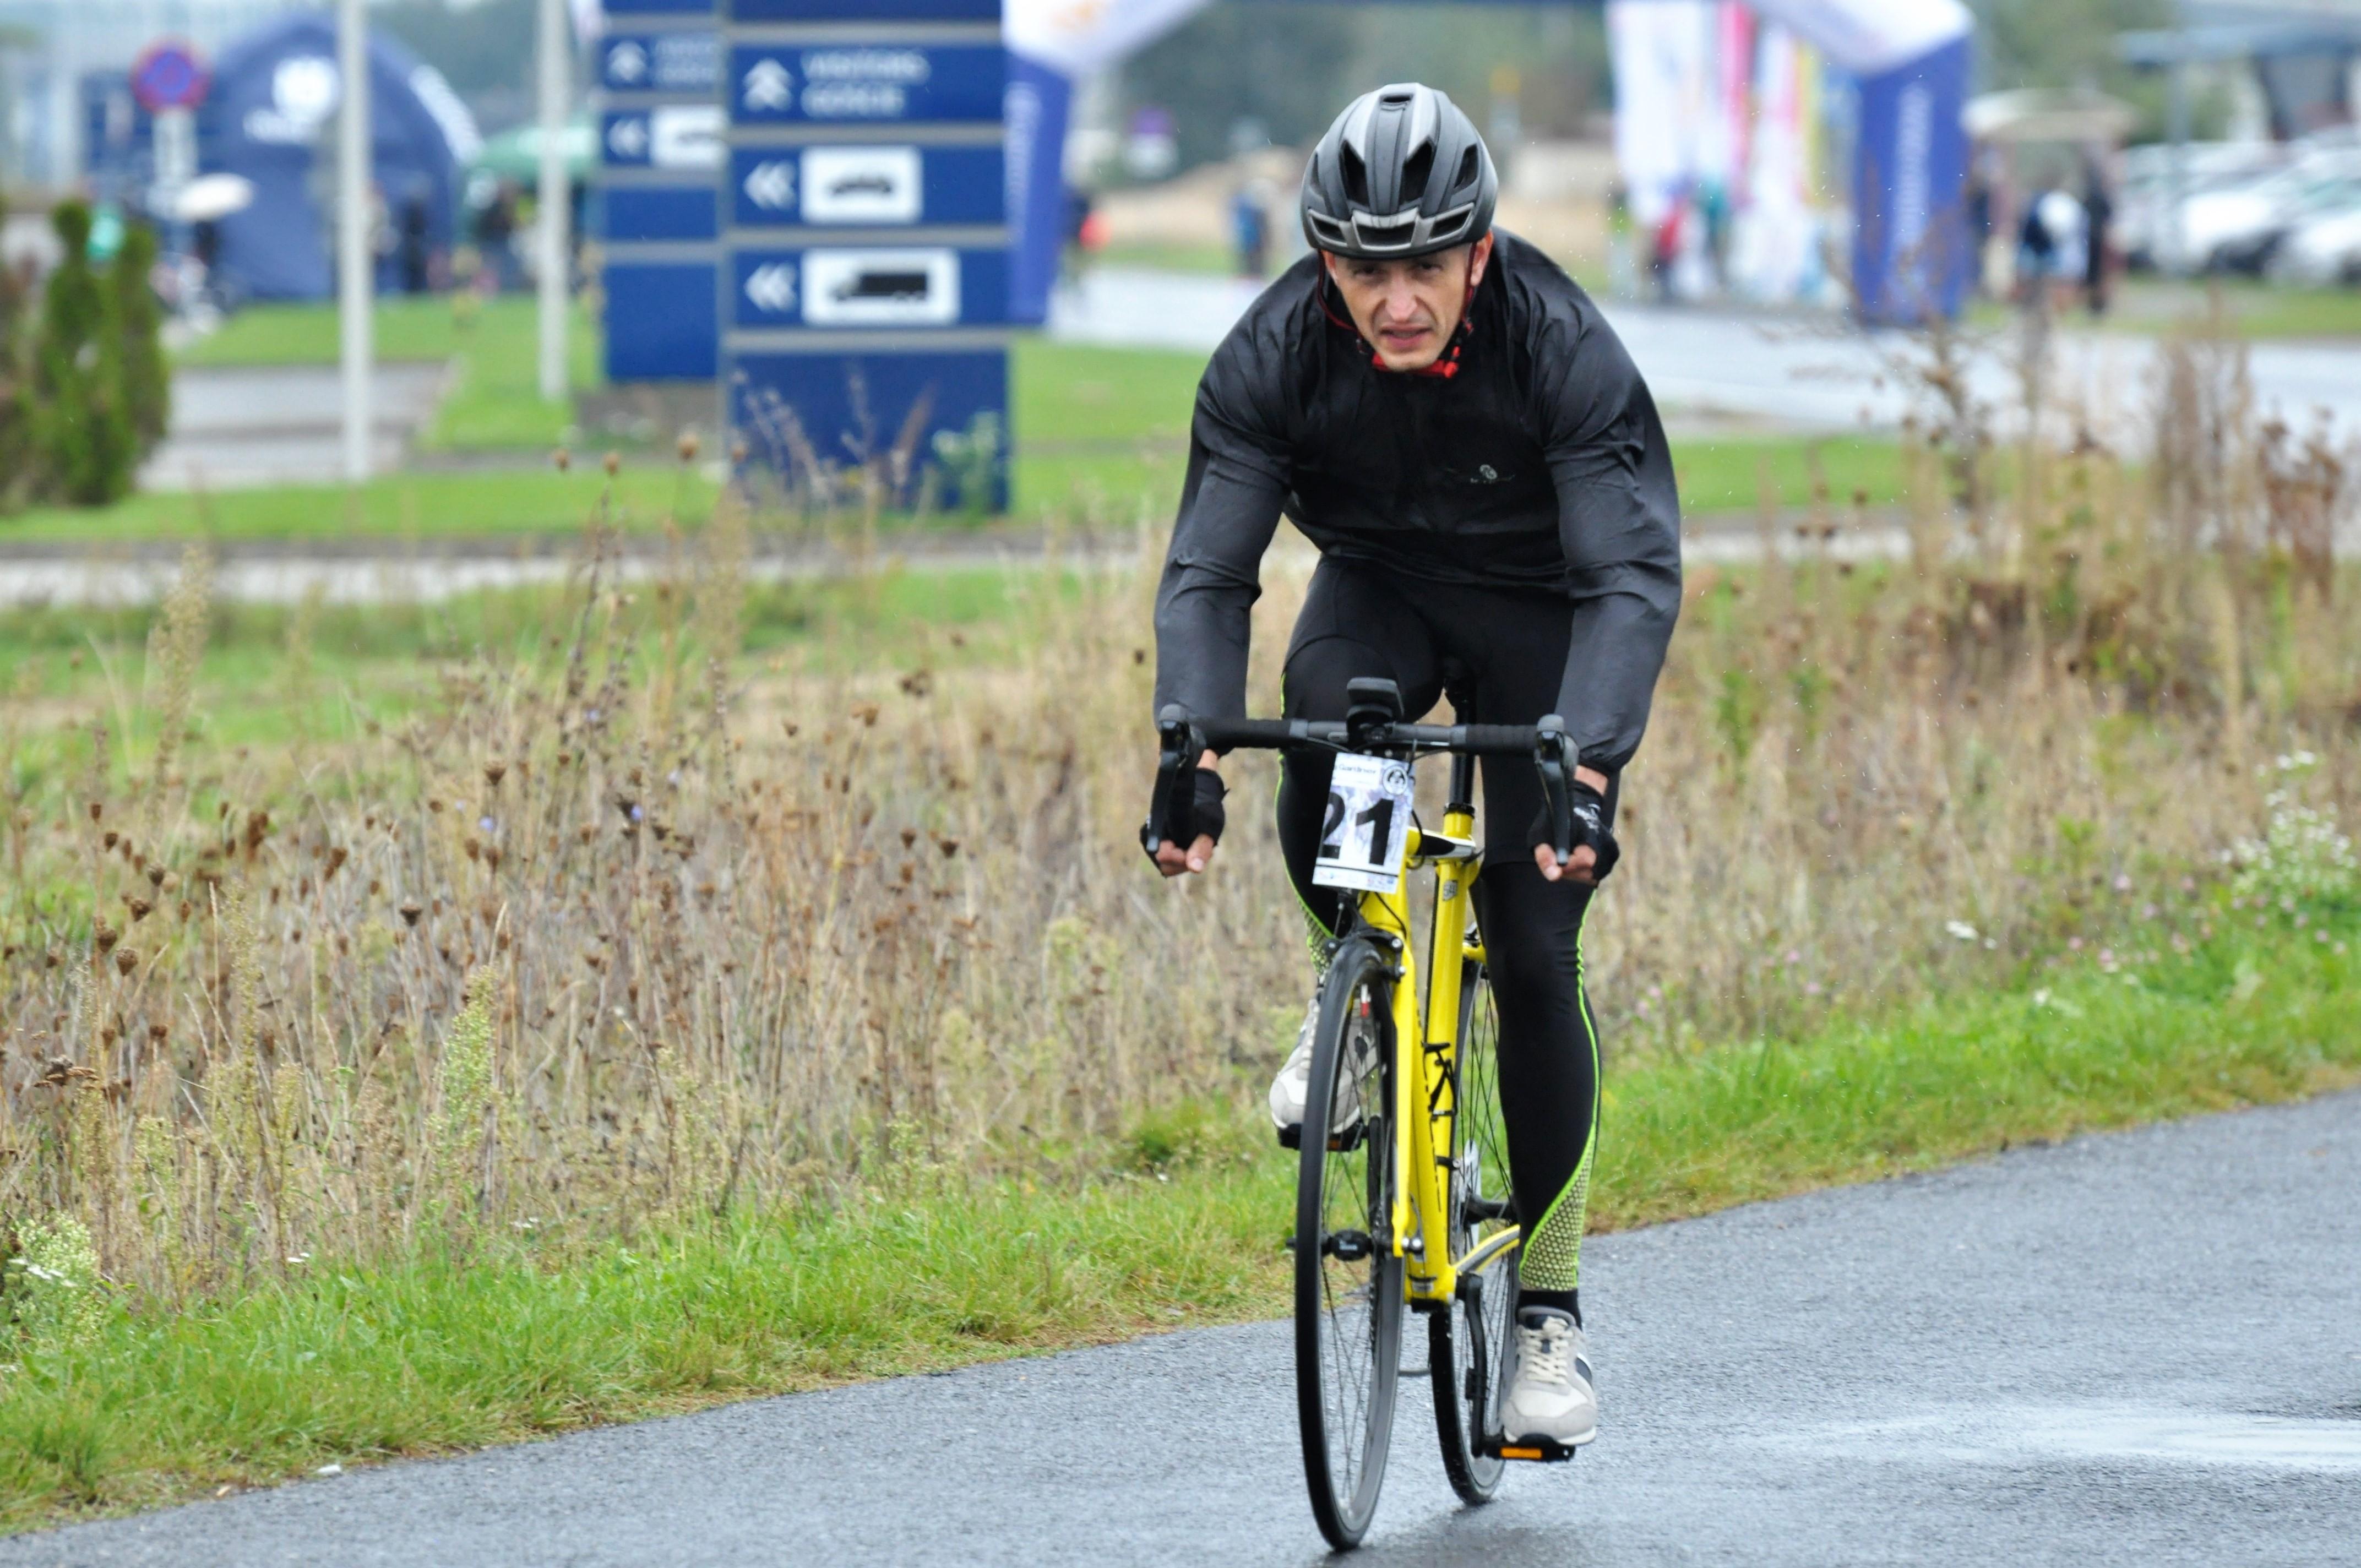 Deszczowy wyścig. Kryterium Rowerowe odbyło się w Mielcu po raz trzeci [FOTO] - Zdjęcie główne